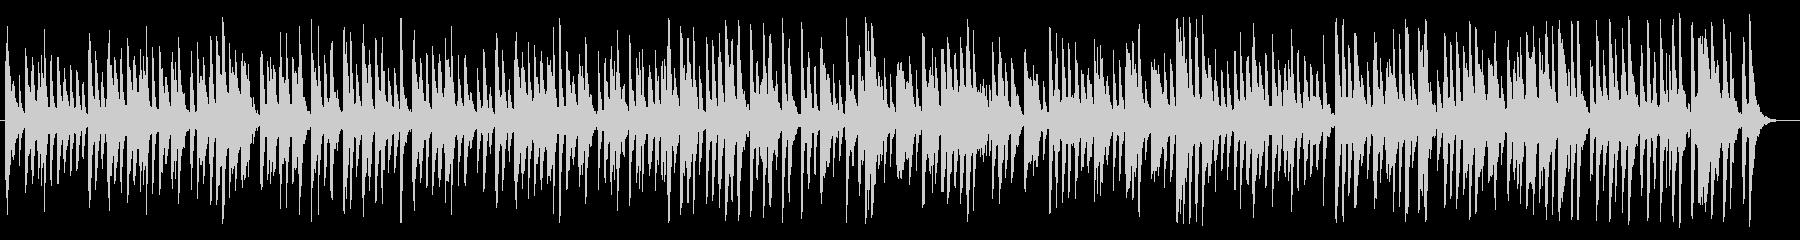 ほのぼの、のんびり明るいピアノBGMの未再生の波形